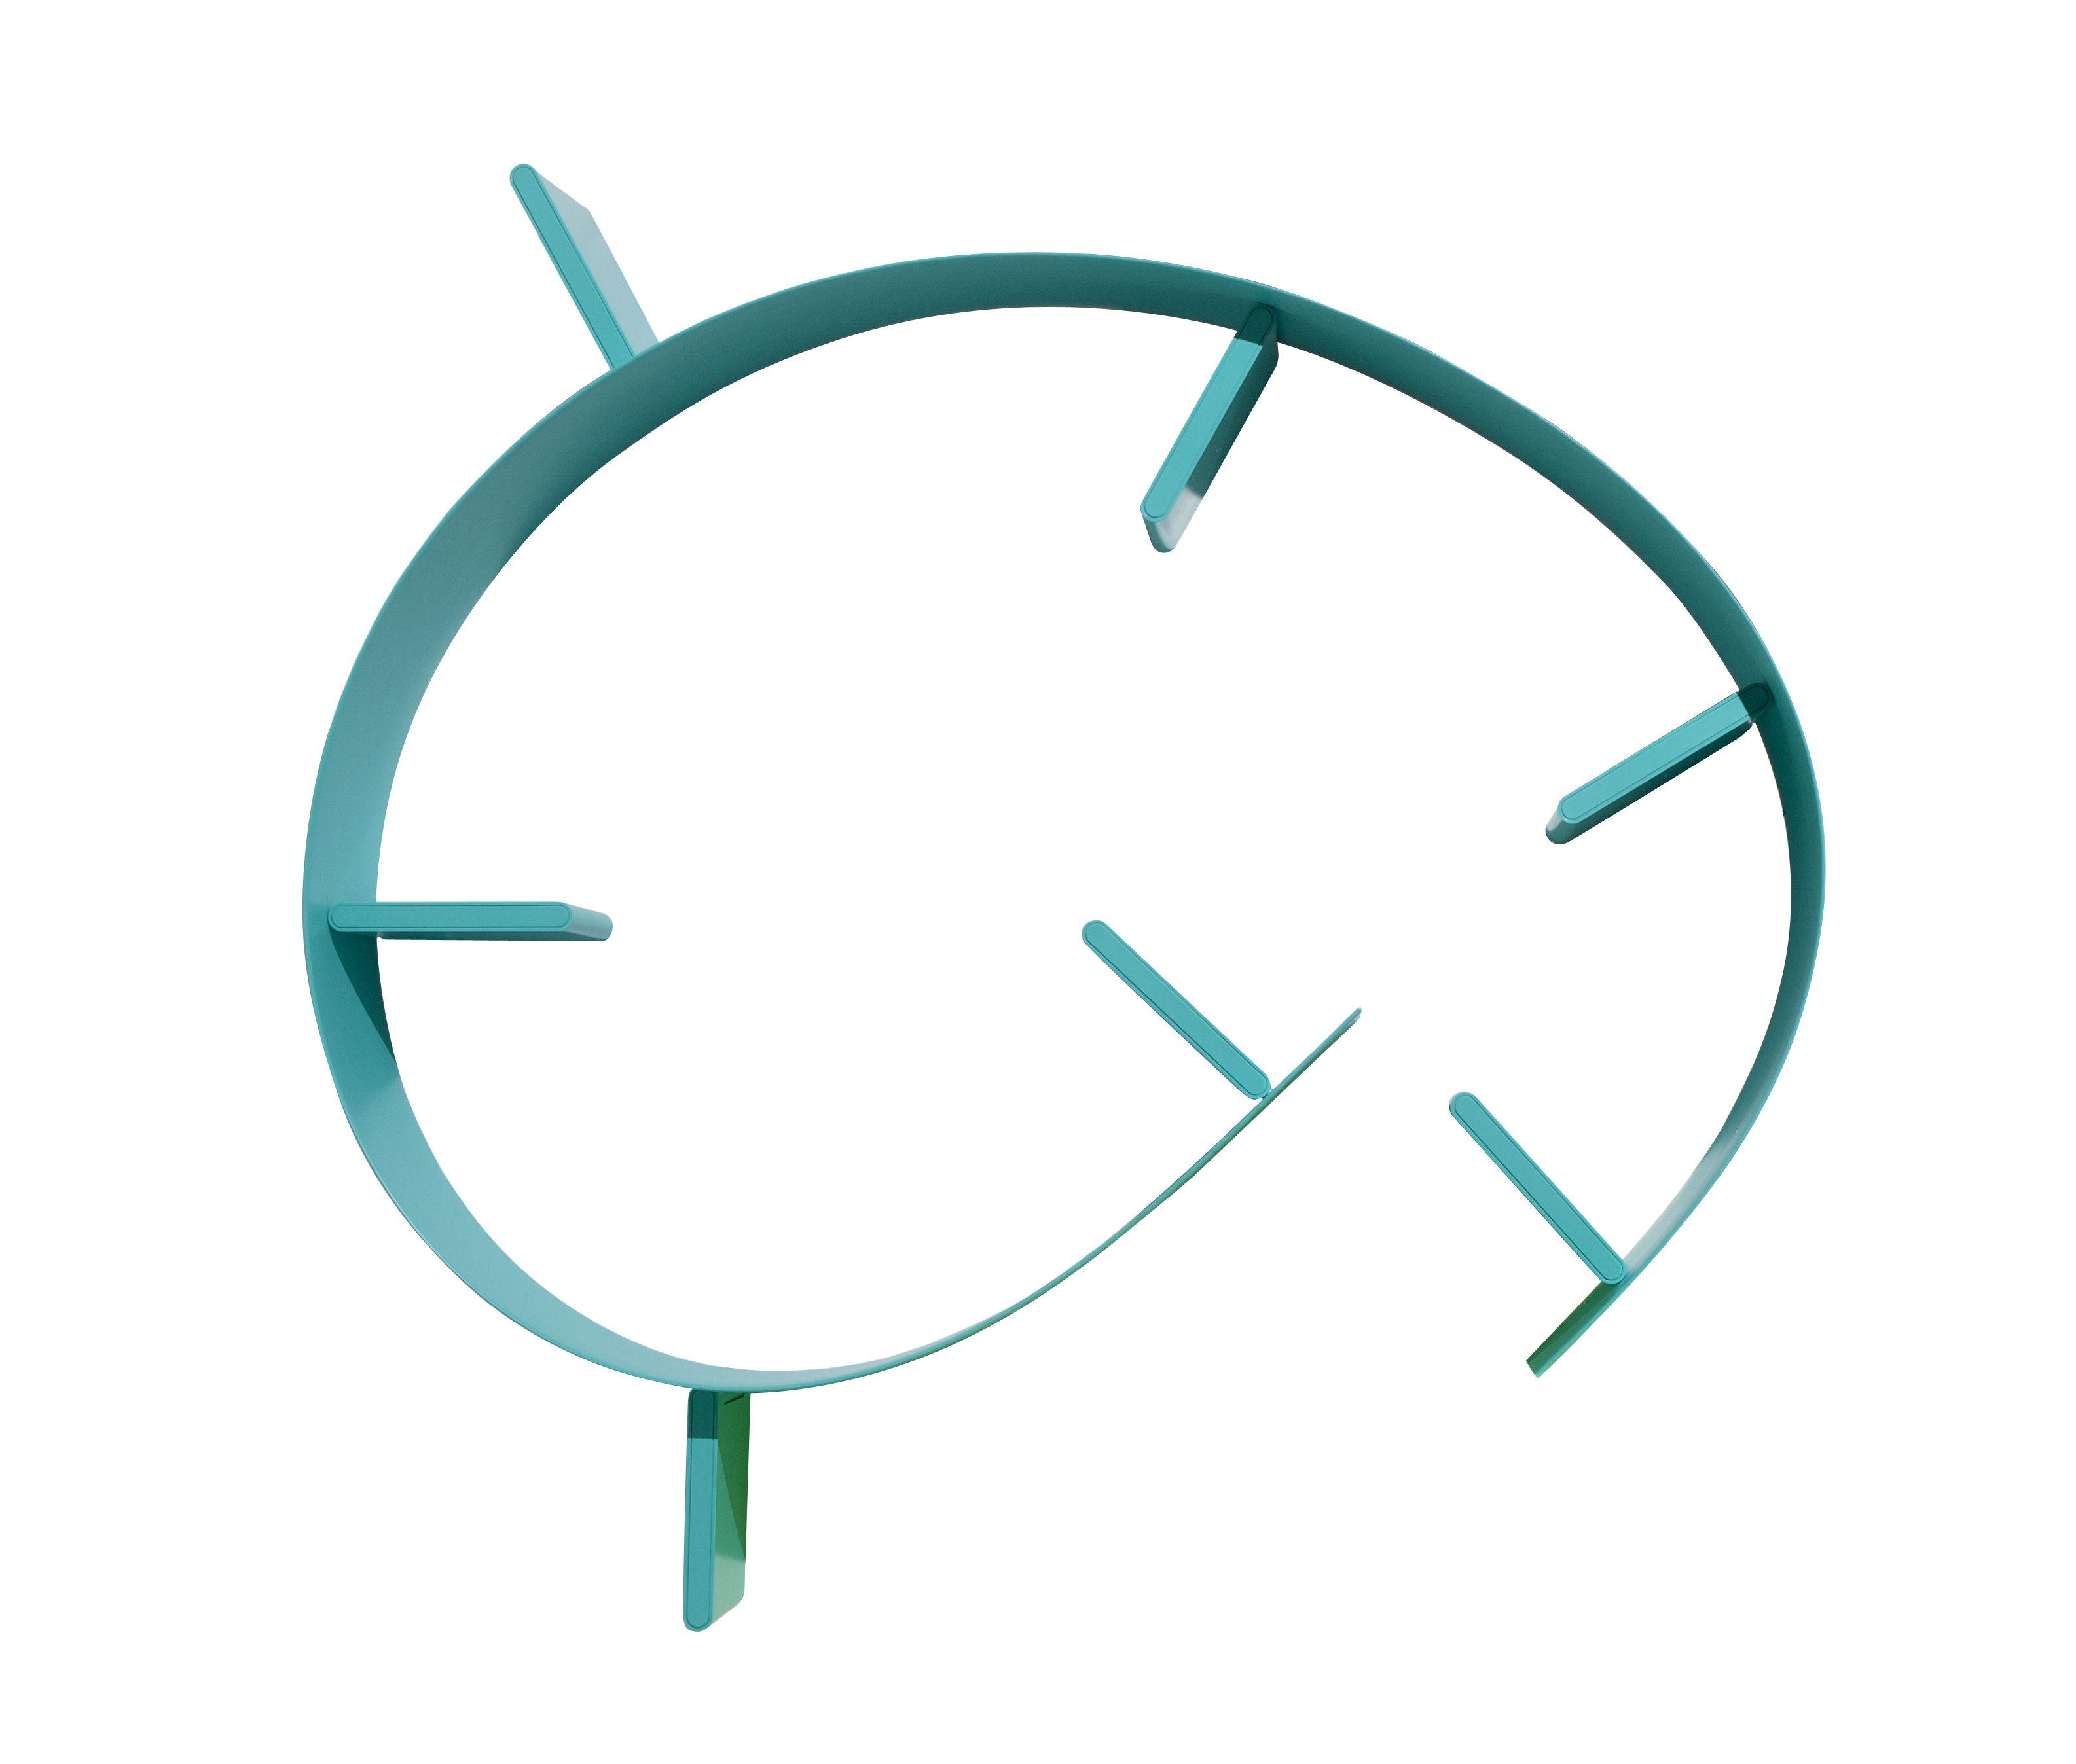 Möbel - Regale und Bücherregale - Popworm Regal / L 320 cm - Kartell - Türkisblau - Gefärbter und feuerbeständiger PVC